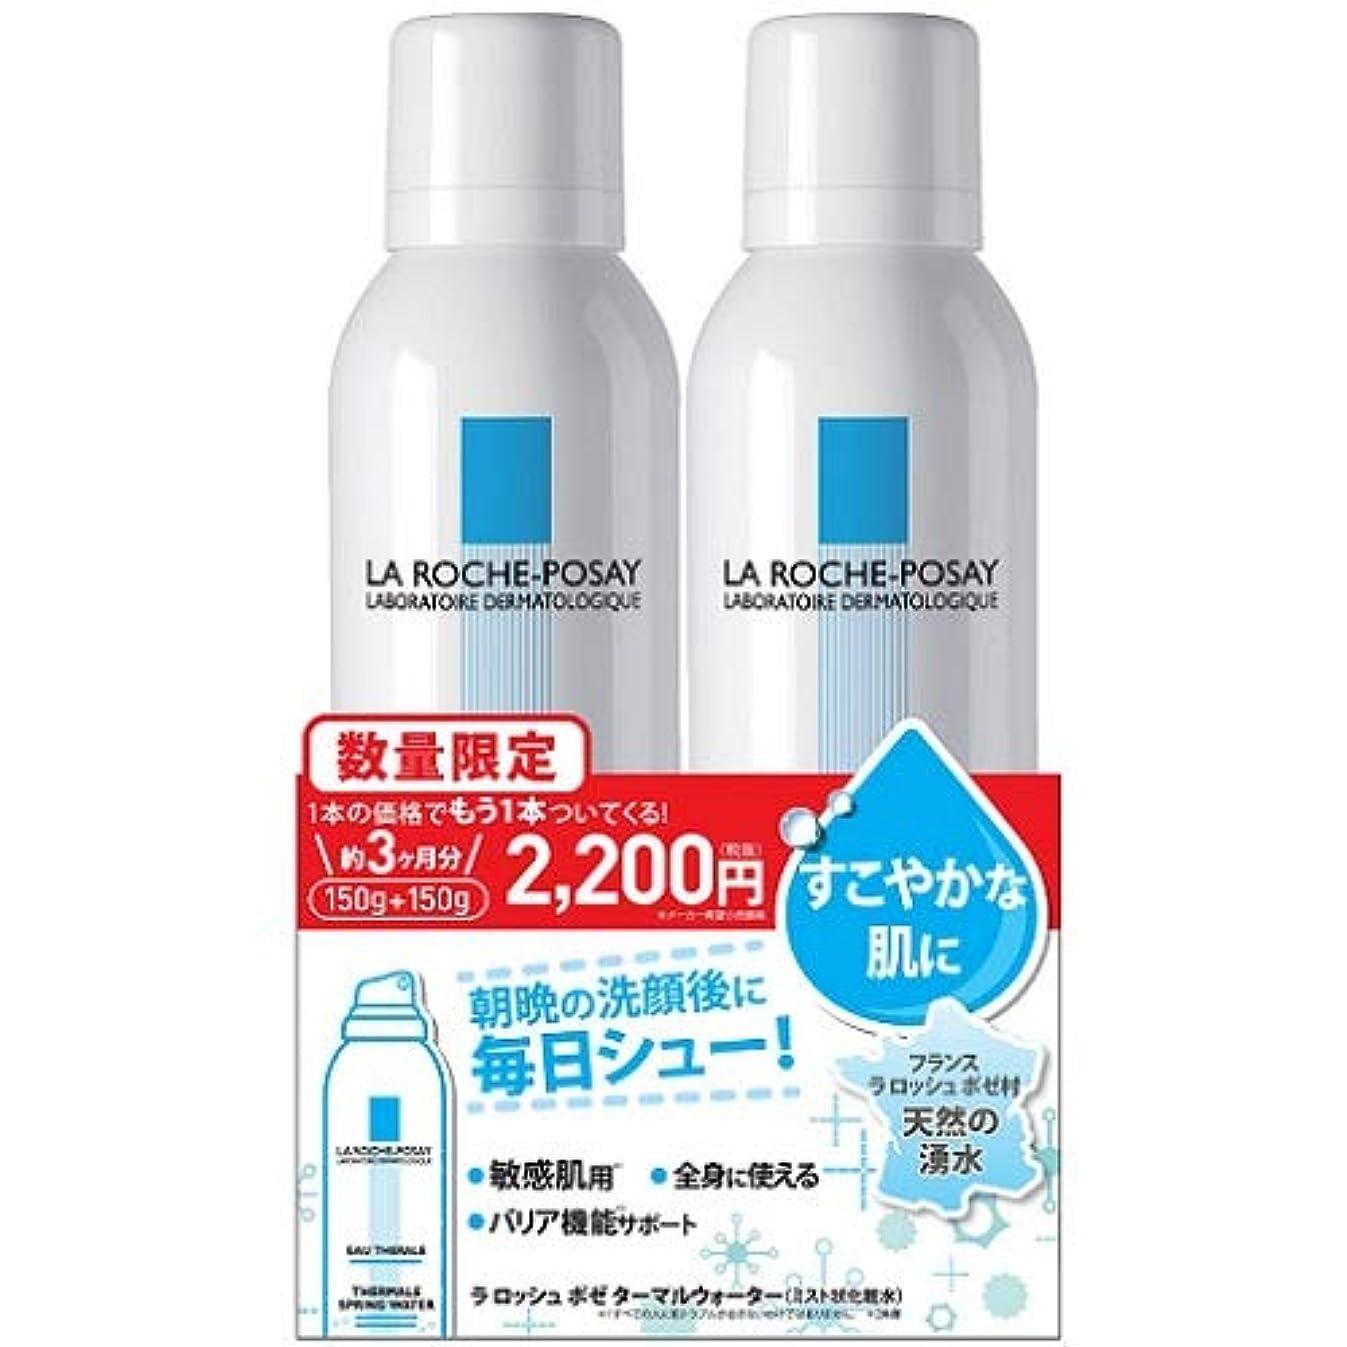 熟達した影のあるホームLa Roche-Posay(ラロッシュポゼ) 【敏感肌用*ミスト状化粧水】ターマルウォーター150g+150gキット